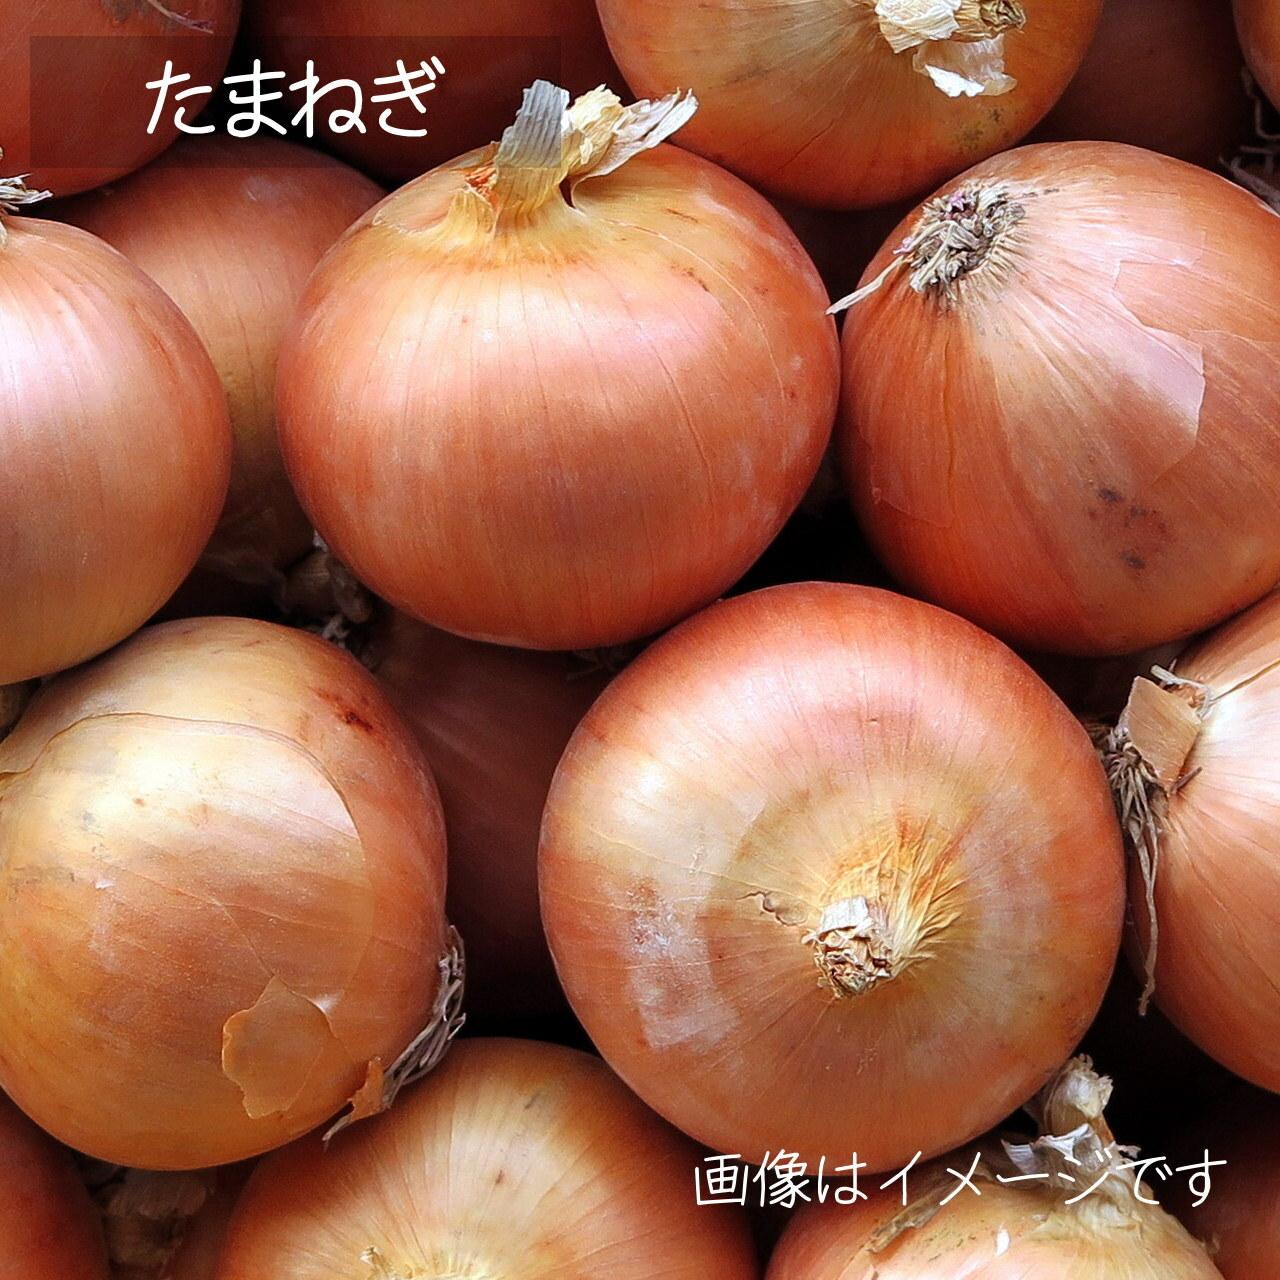 9月の朝採り直売野菜 : たまねぎ 約2~3個 新鮮な秋野菜 9月21日発送予定